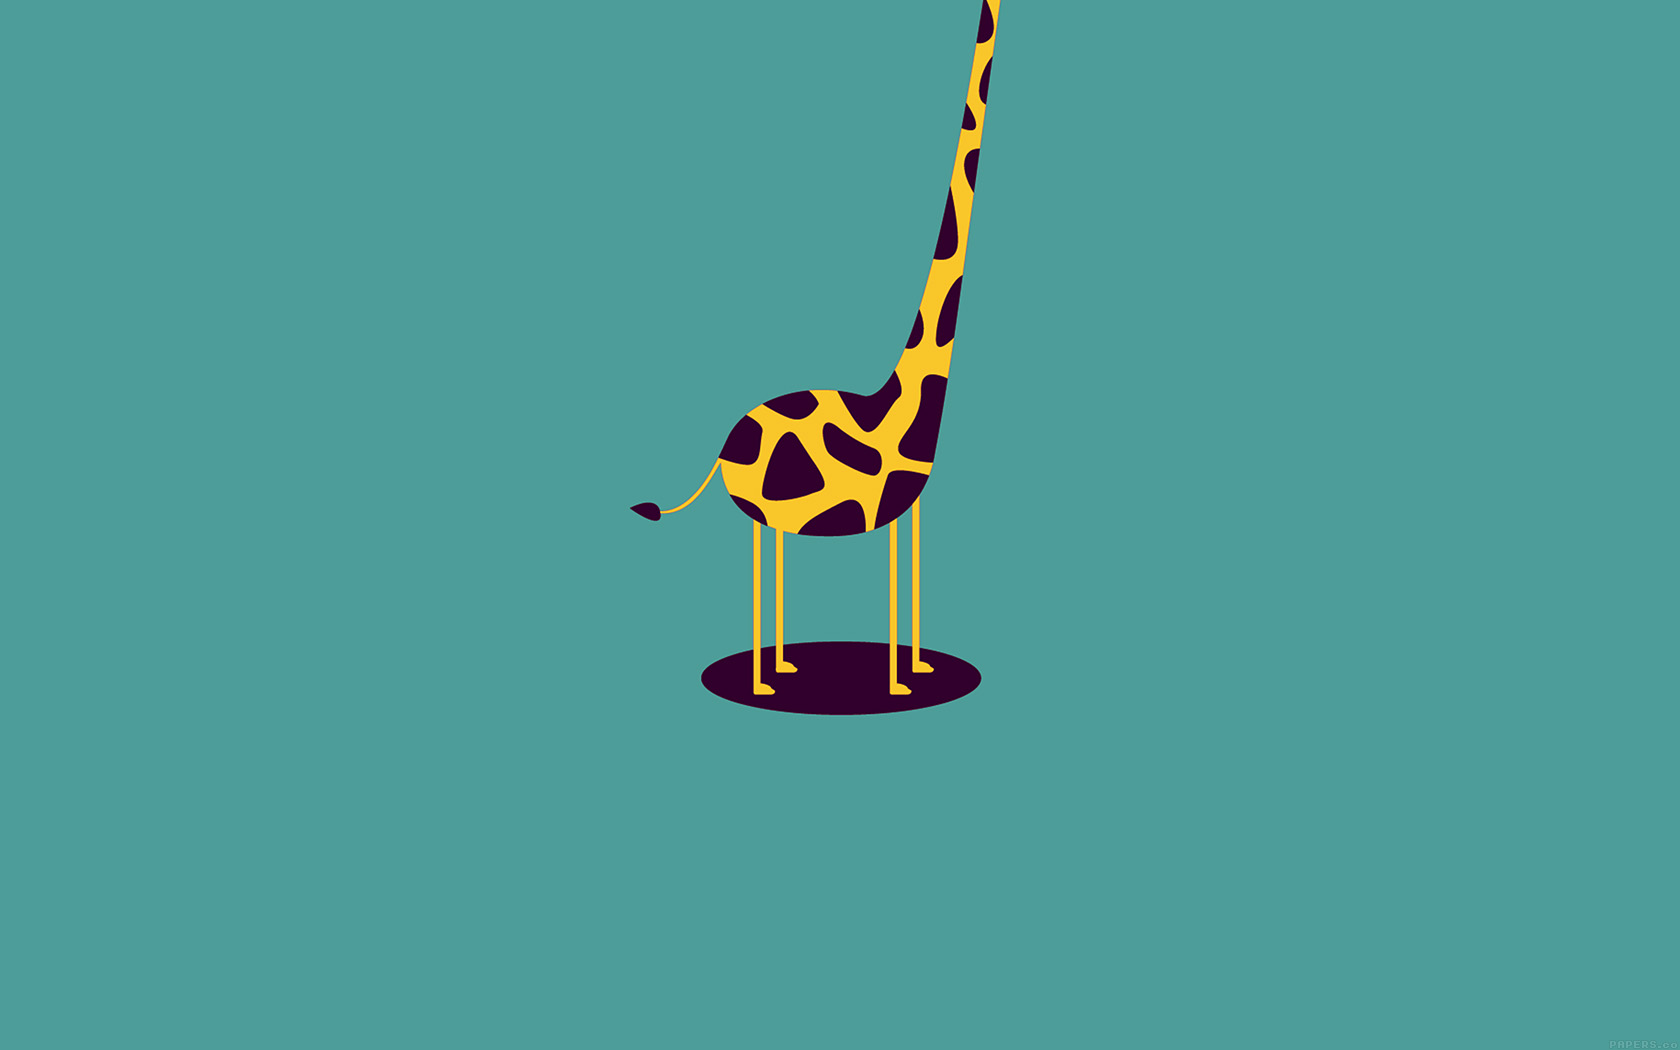 Fun Fall Desktop Wallpaper Ag52 Giraffe Cute Blue Minimal Simple Wallpaper